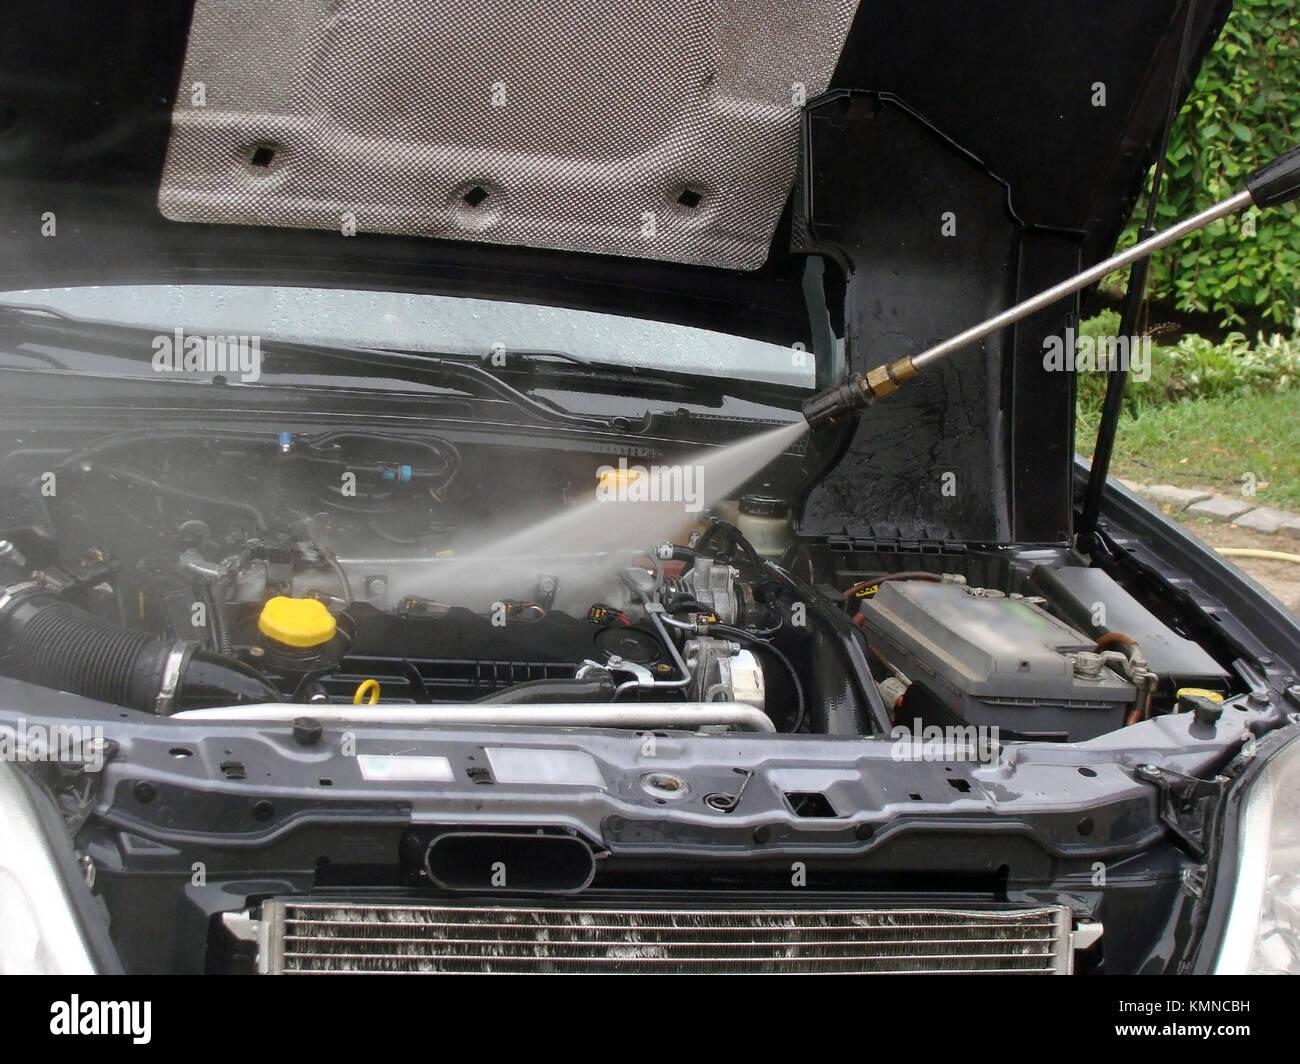 Auto Motor Reinigung mit Hochdruck-Wasserstrahl Stockfoto, Bild ...